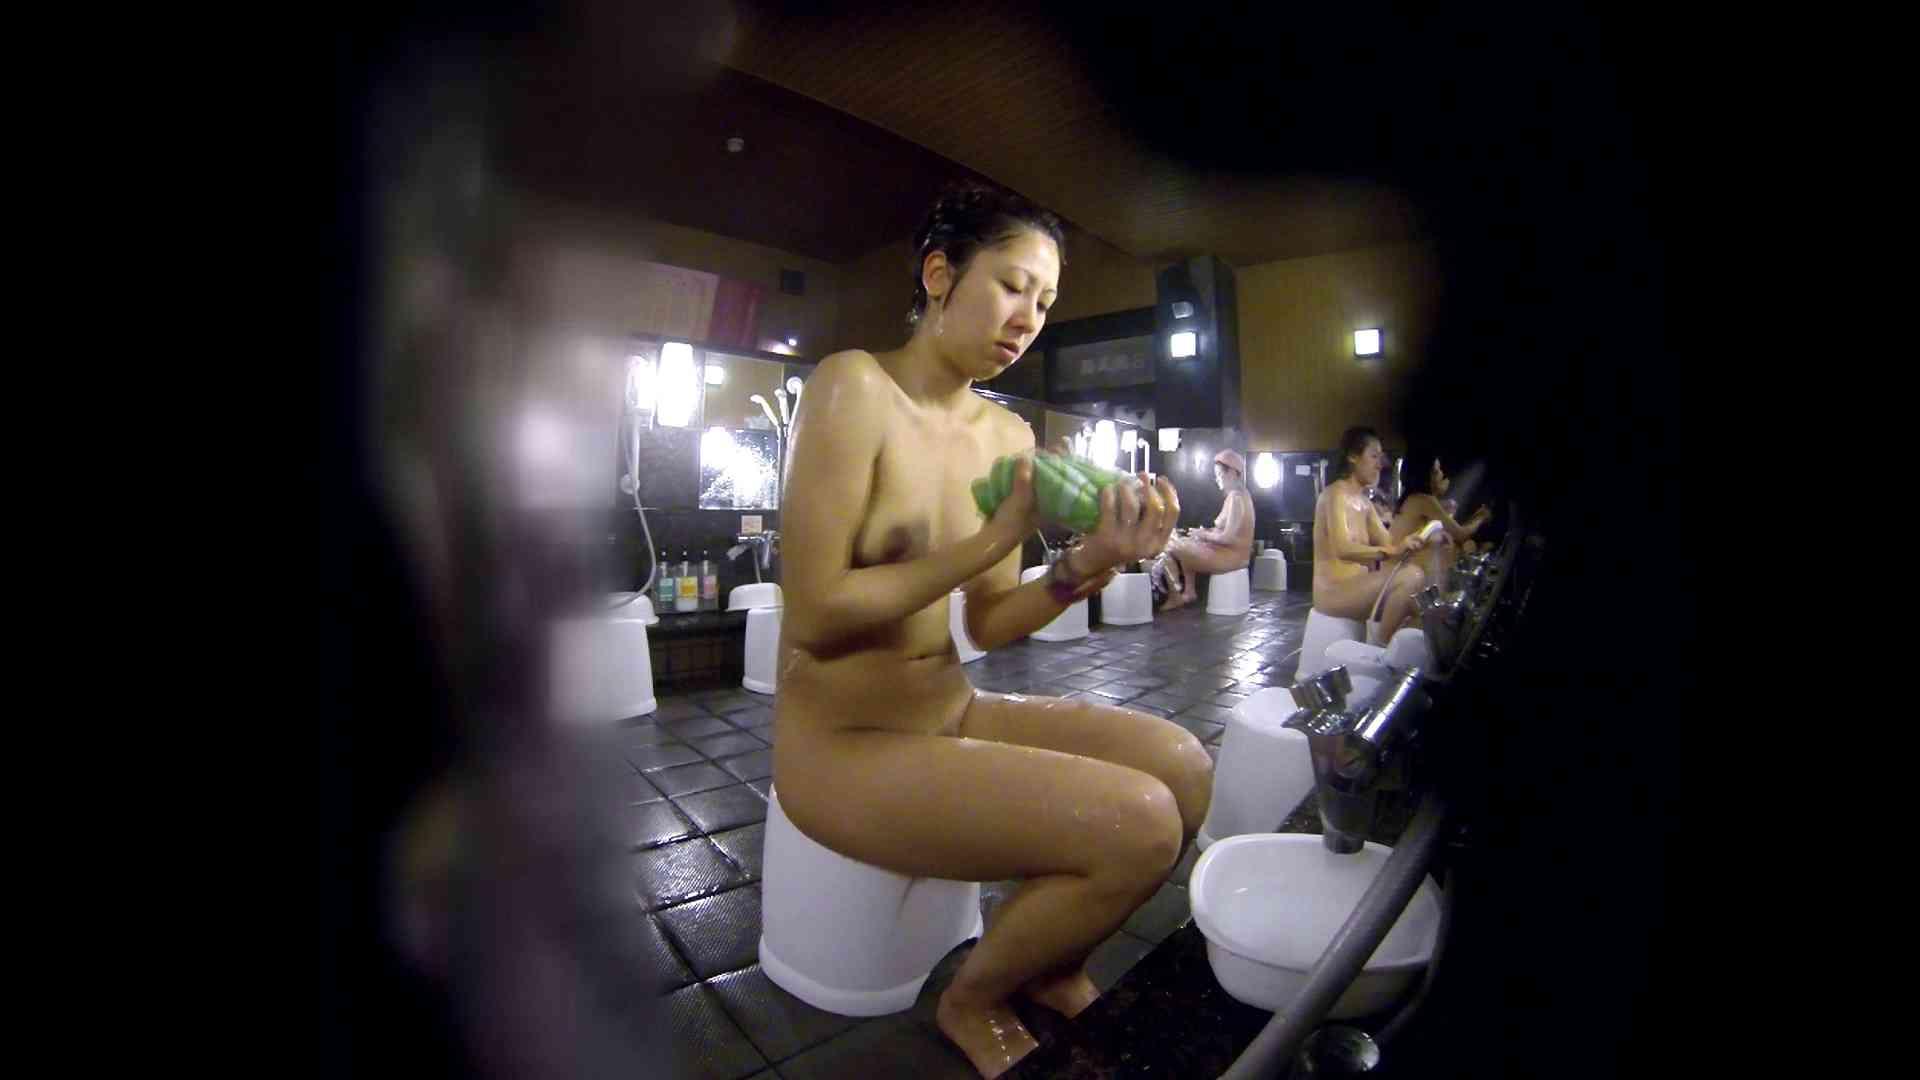 洗い場!綺麗に整えられた陰毛に嫉妬します。 潜入 戯れ無修正画像 82画像 21